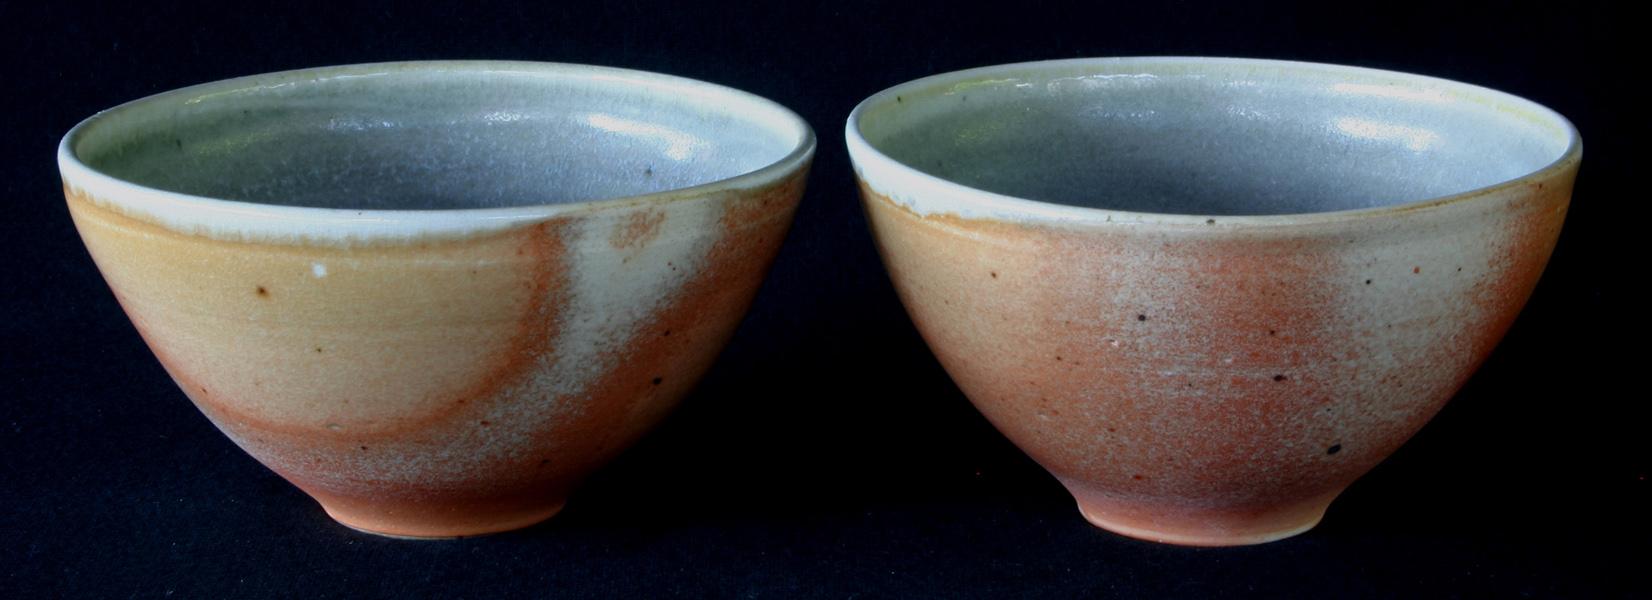 No47,48 sky blue bowl2&3.jpg